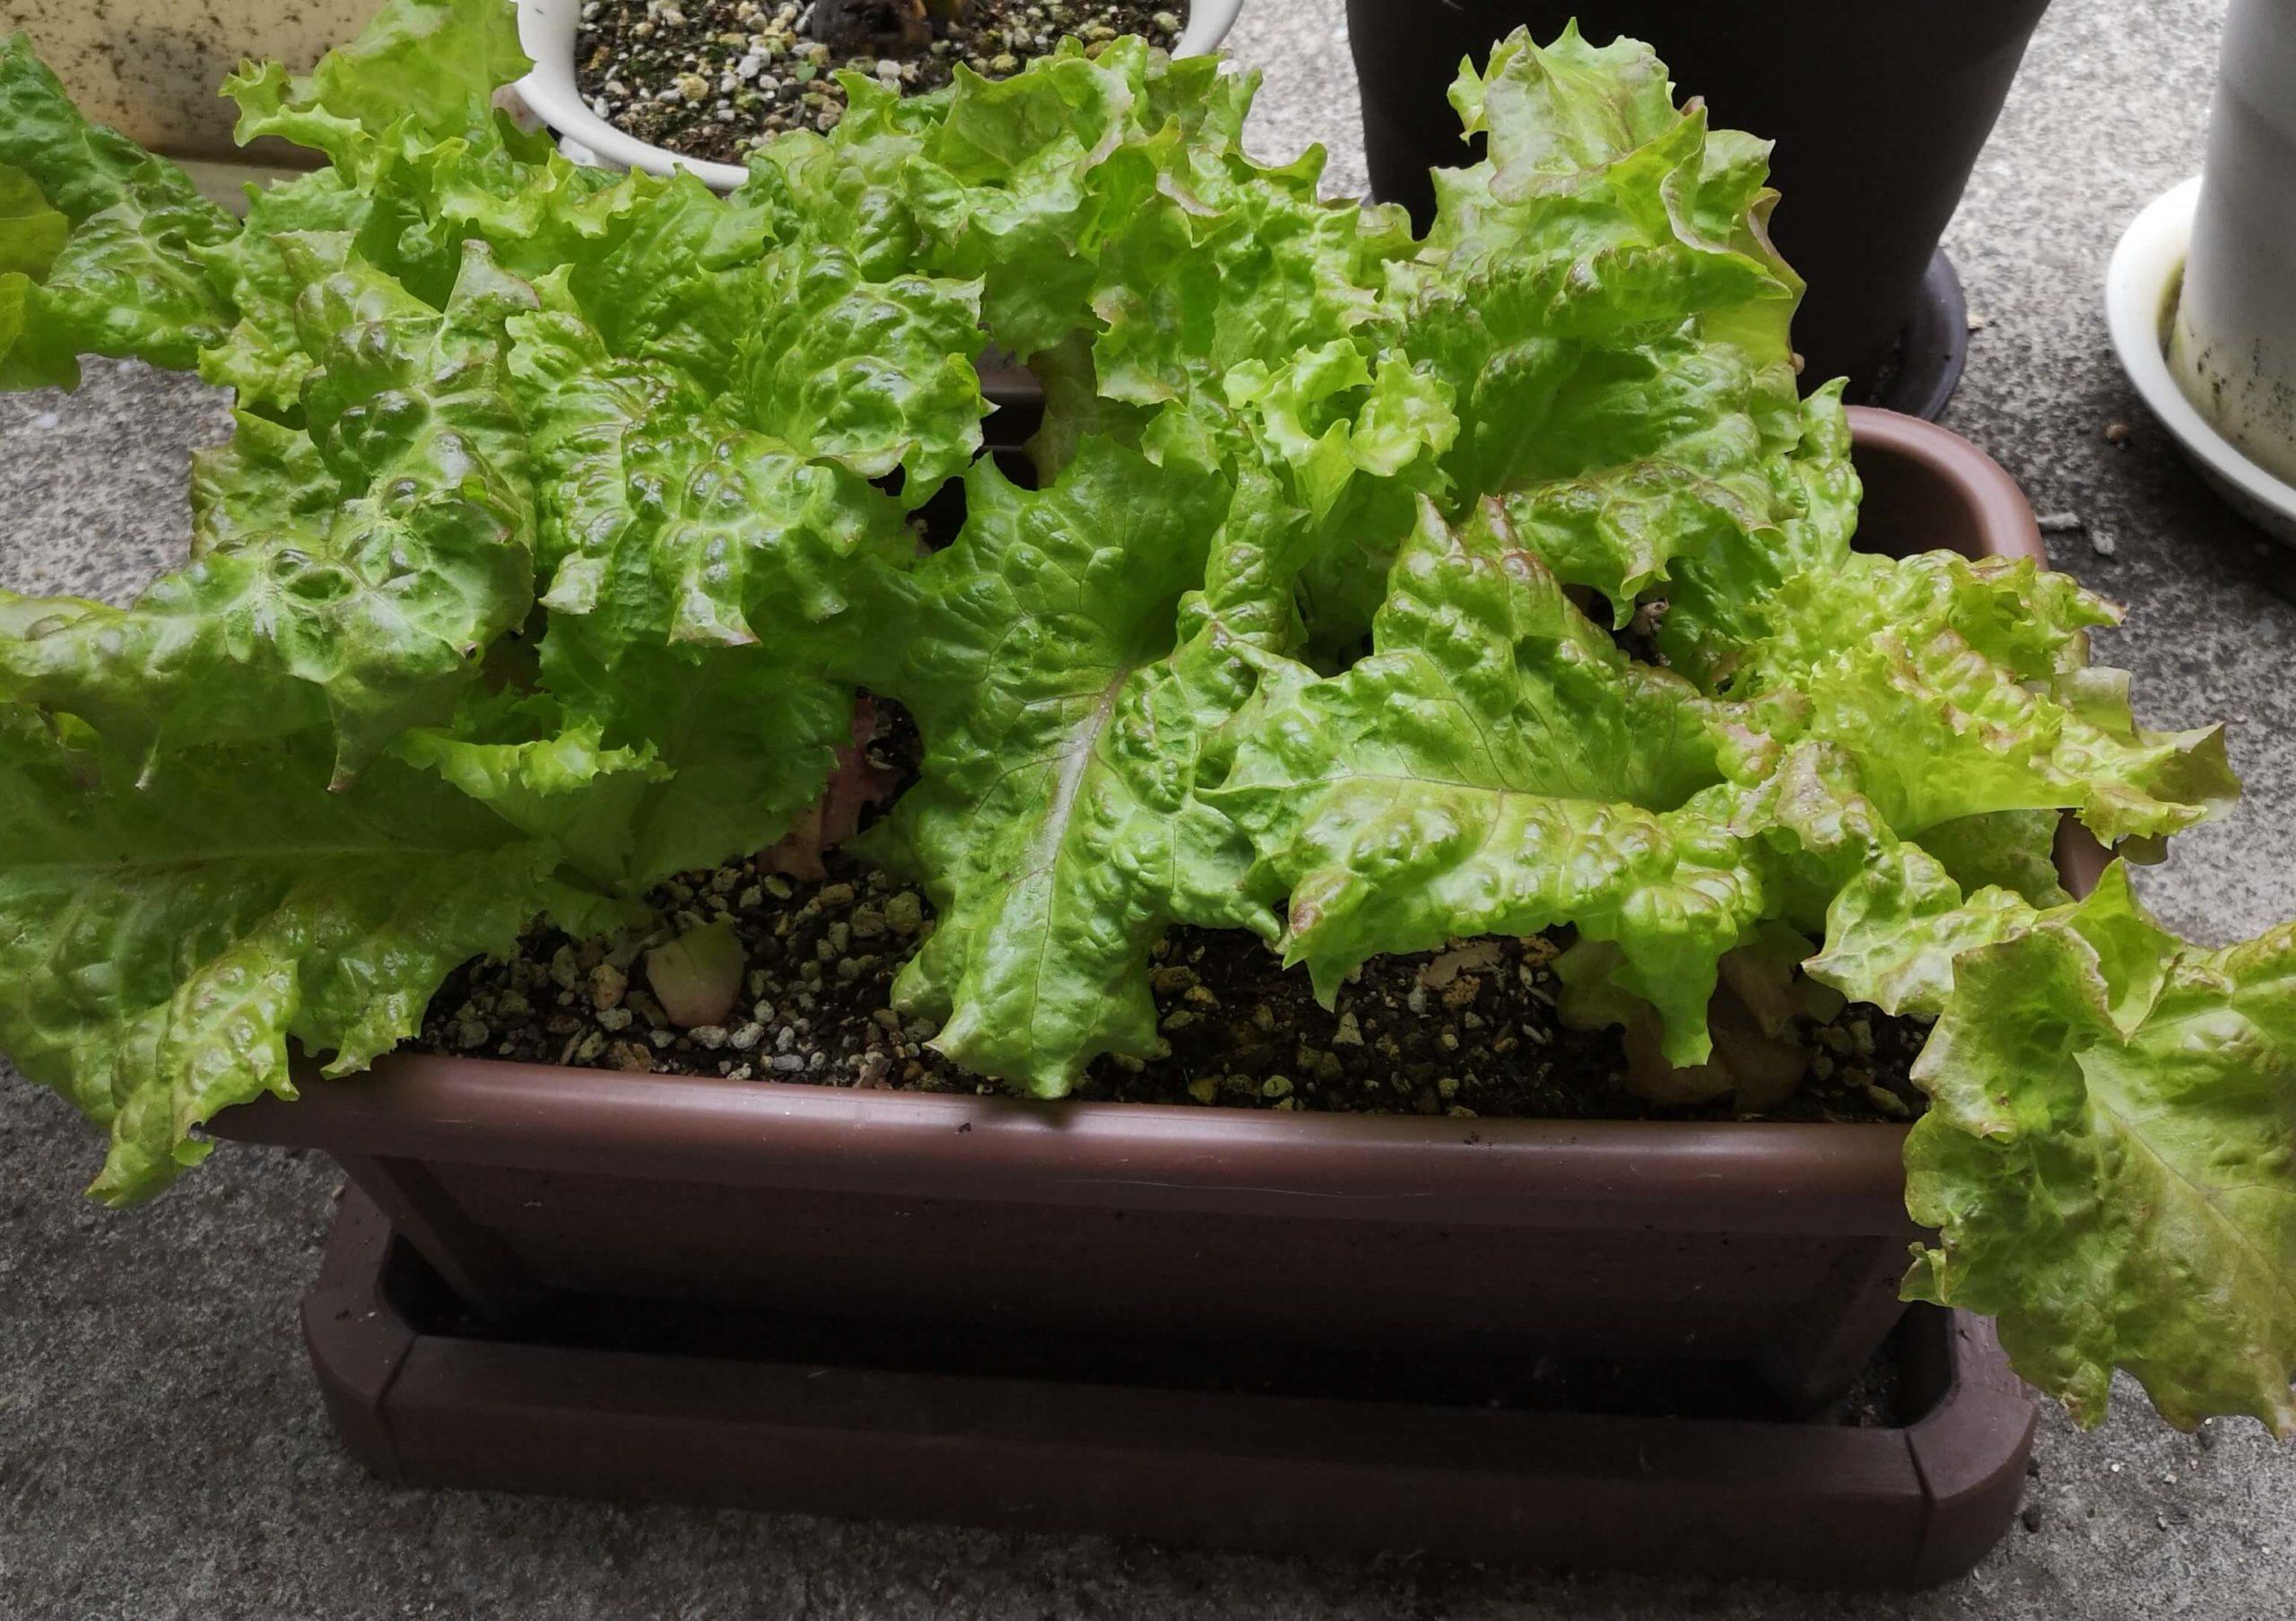 2回目の収穫ができるまで葉っぱが大きく成長しているサニーレタス